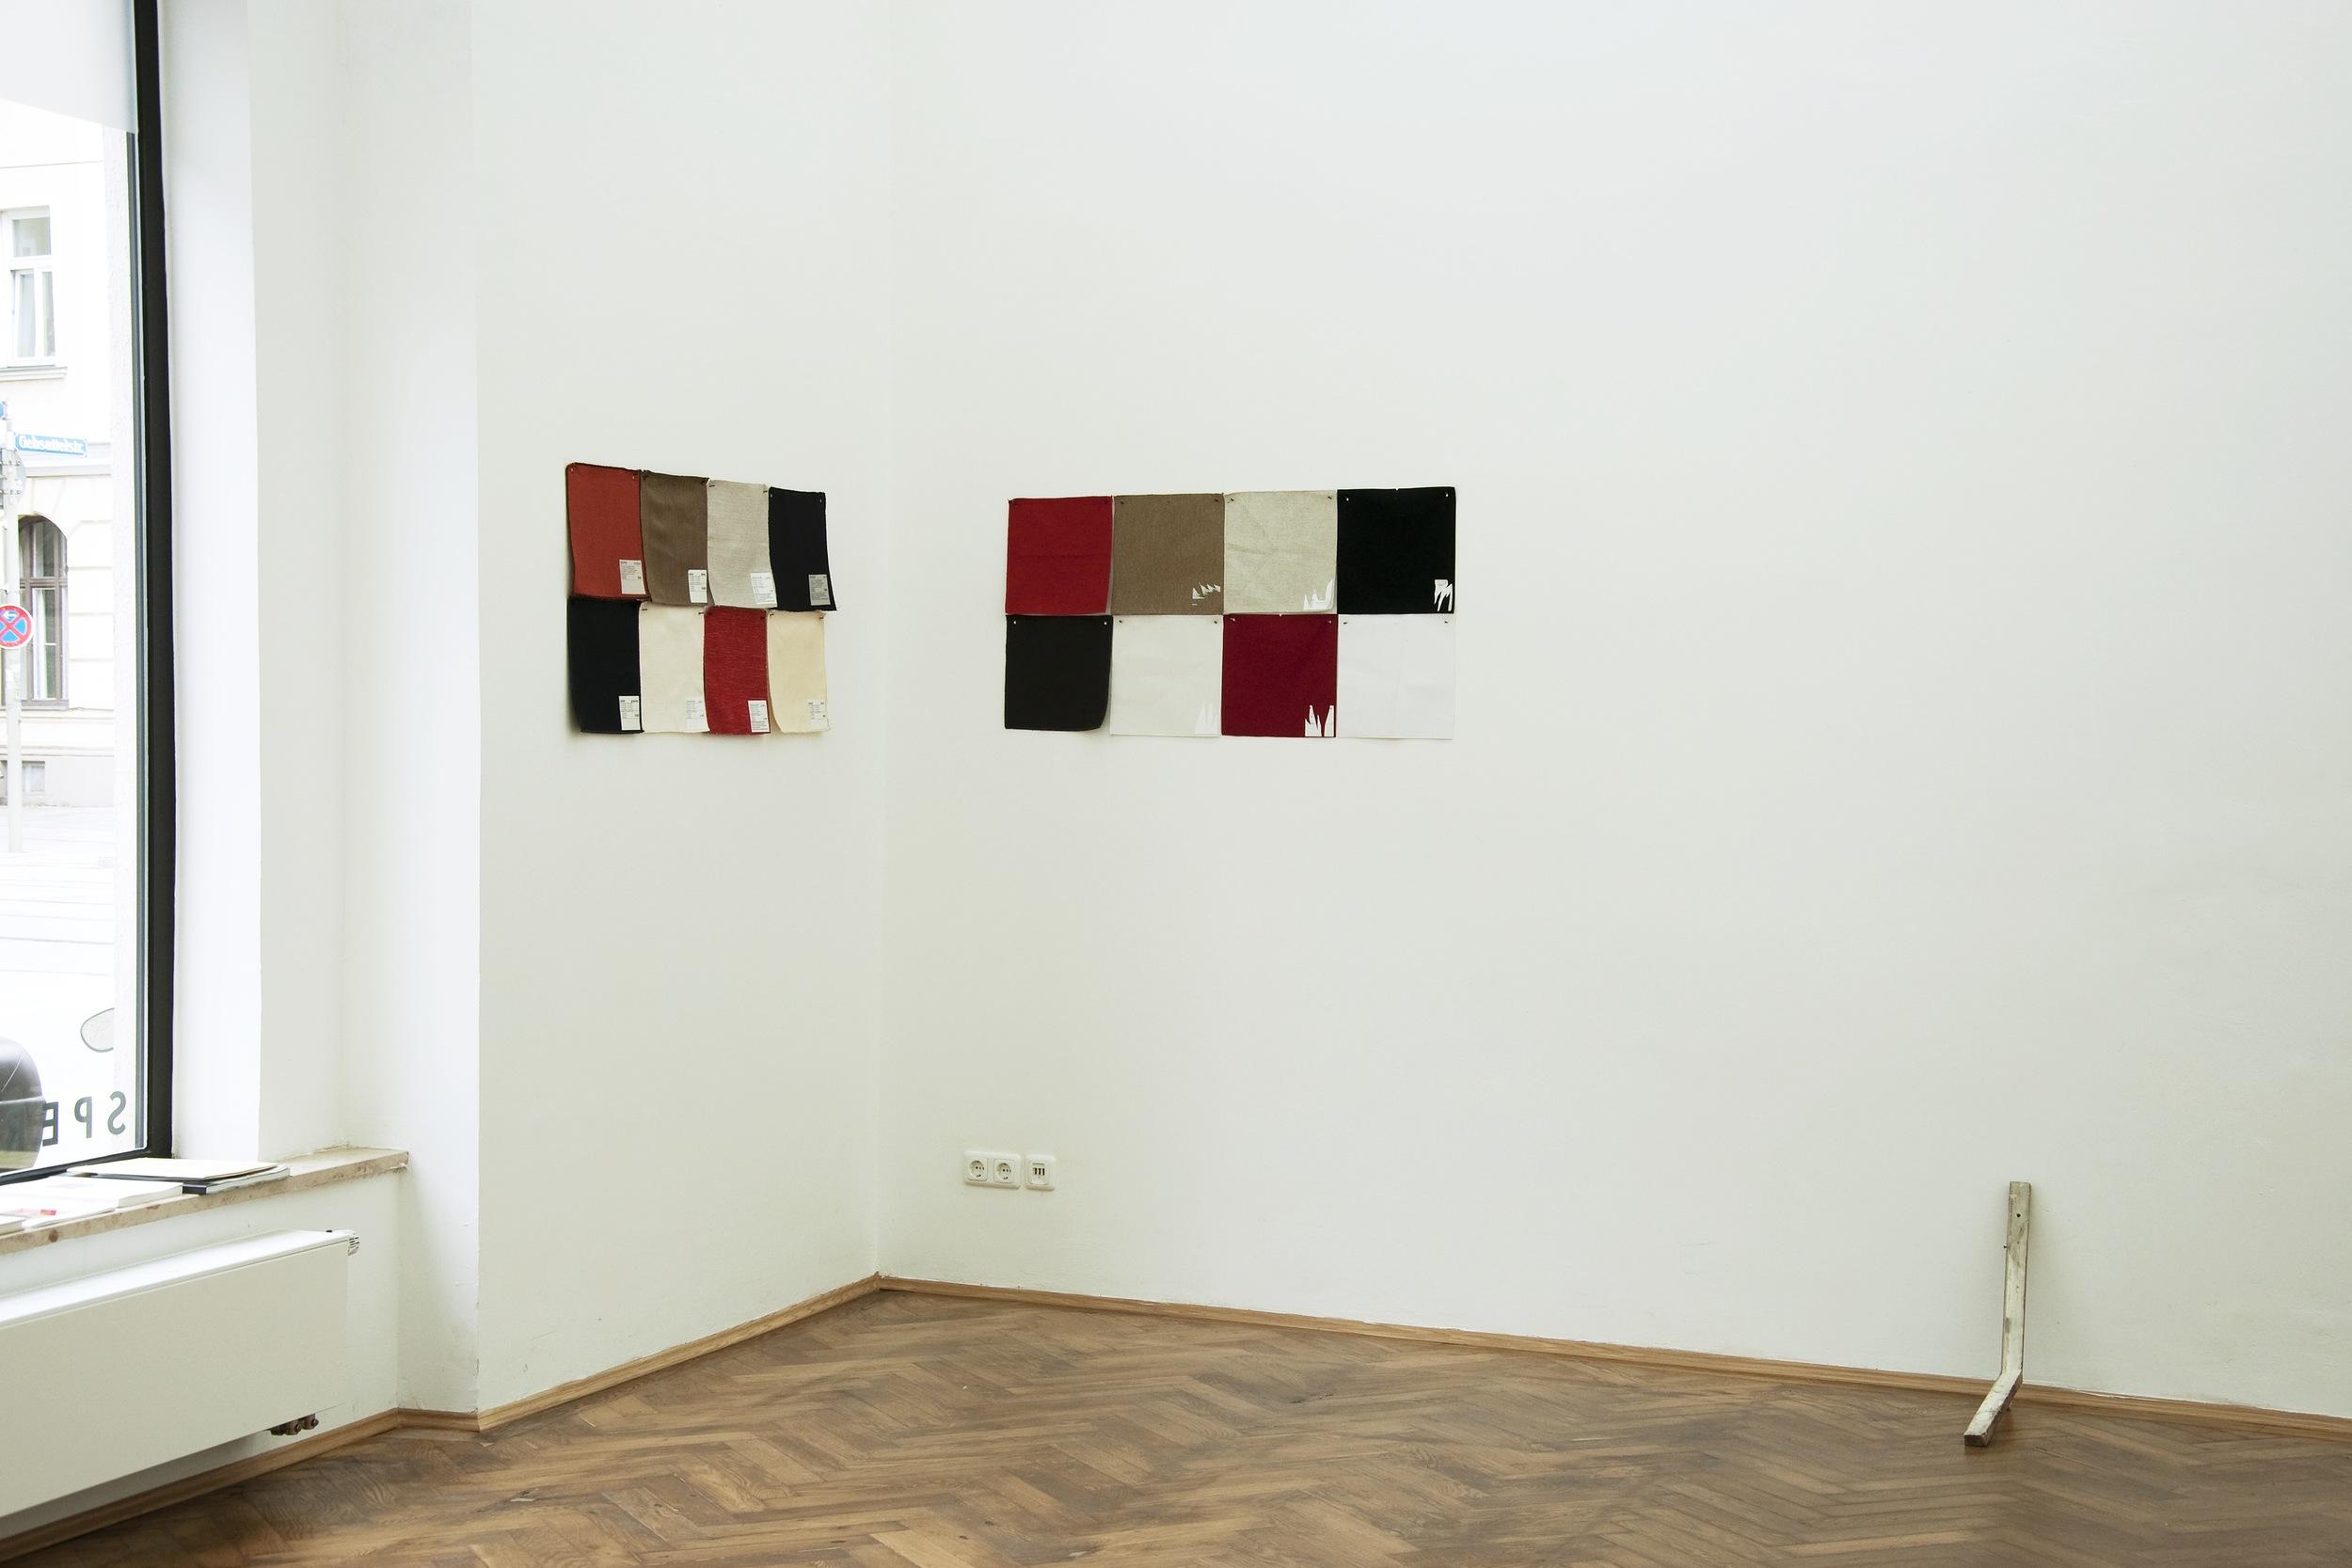 Se-Youn Kim, Thomas Geiger